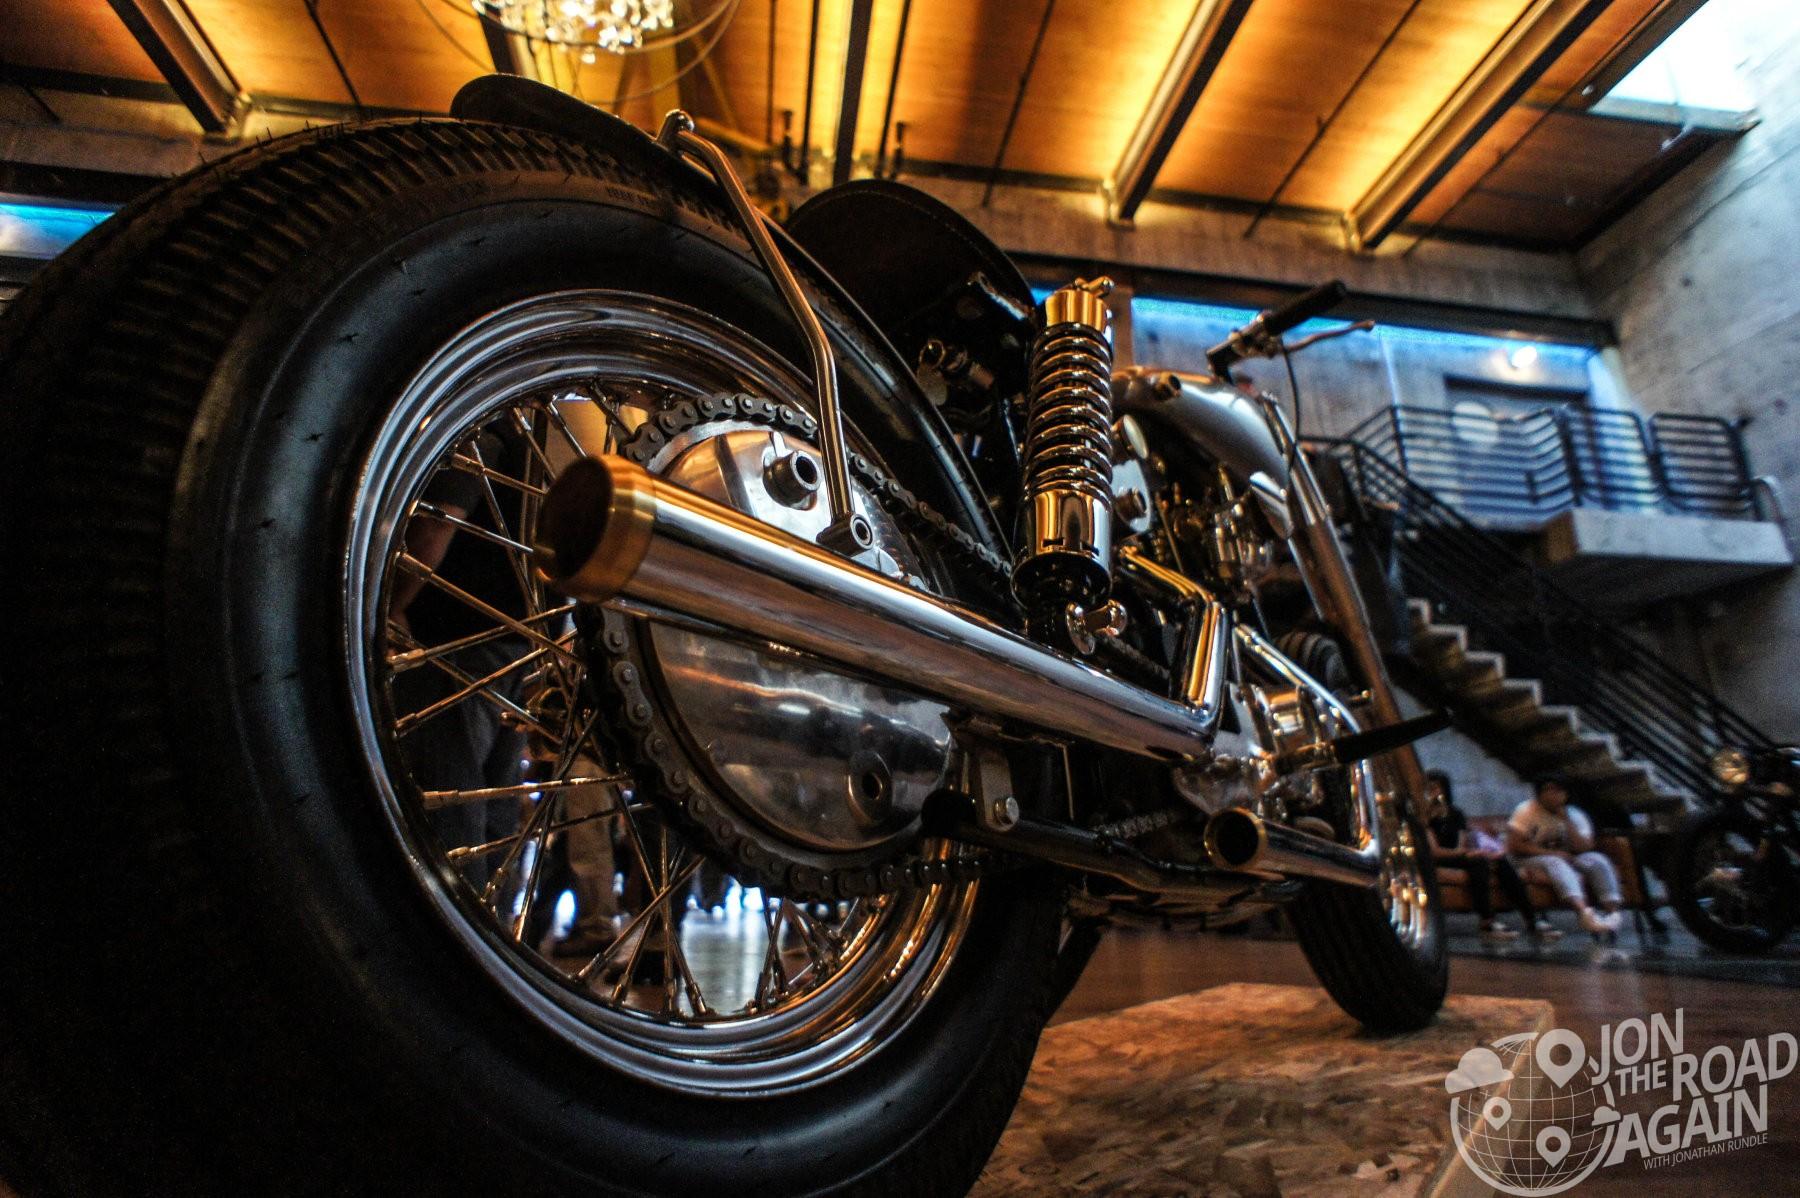 Mitch Sander's Harley